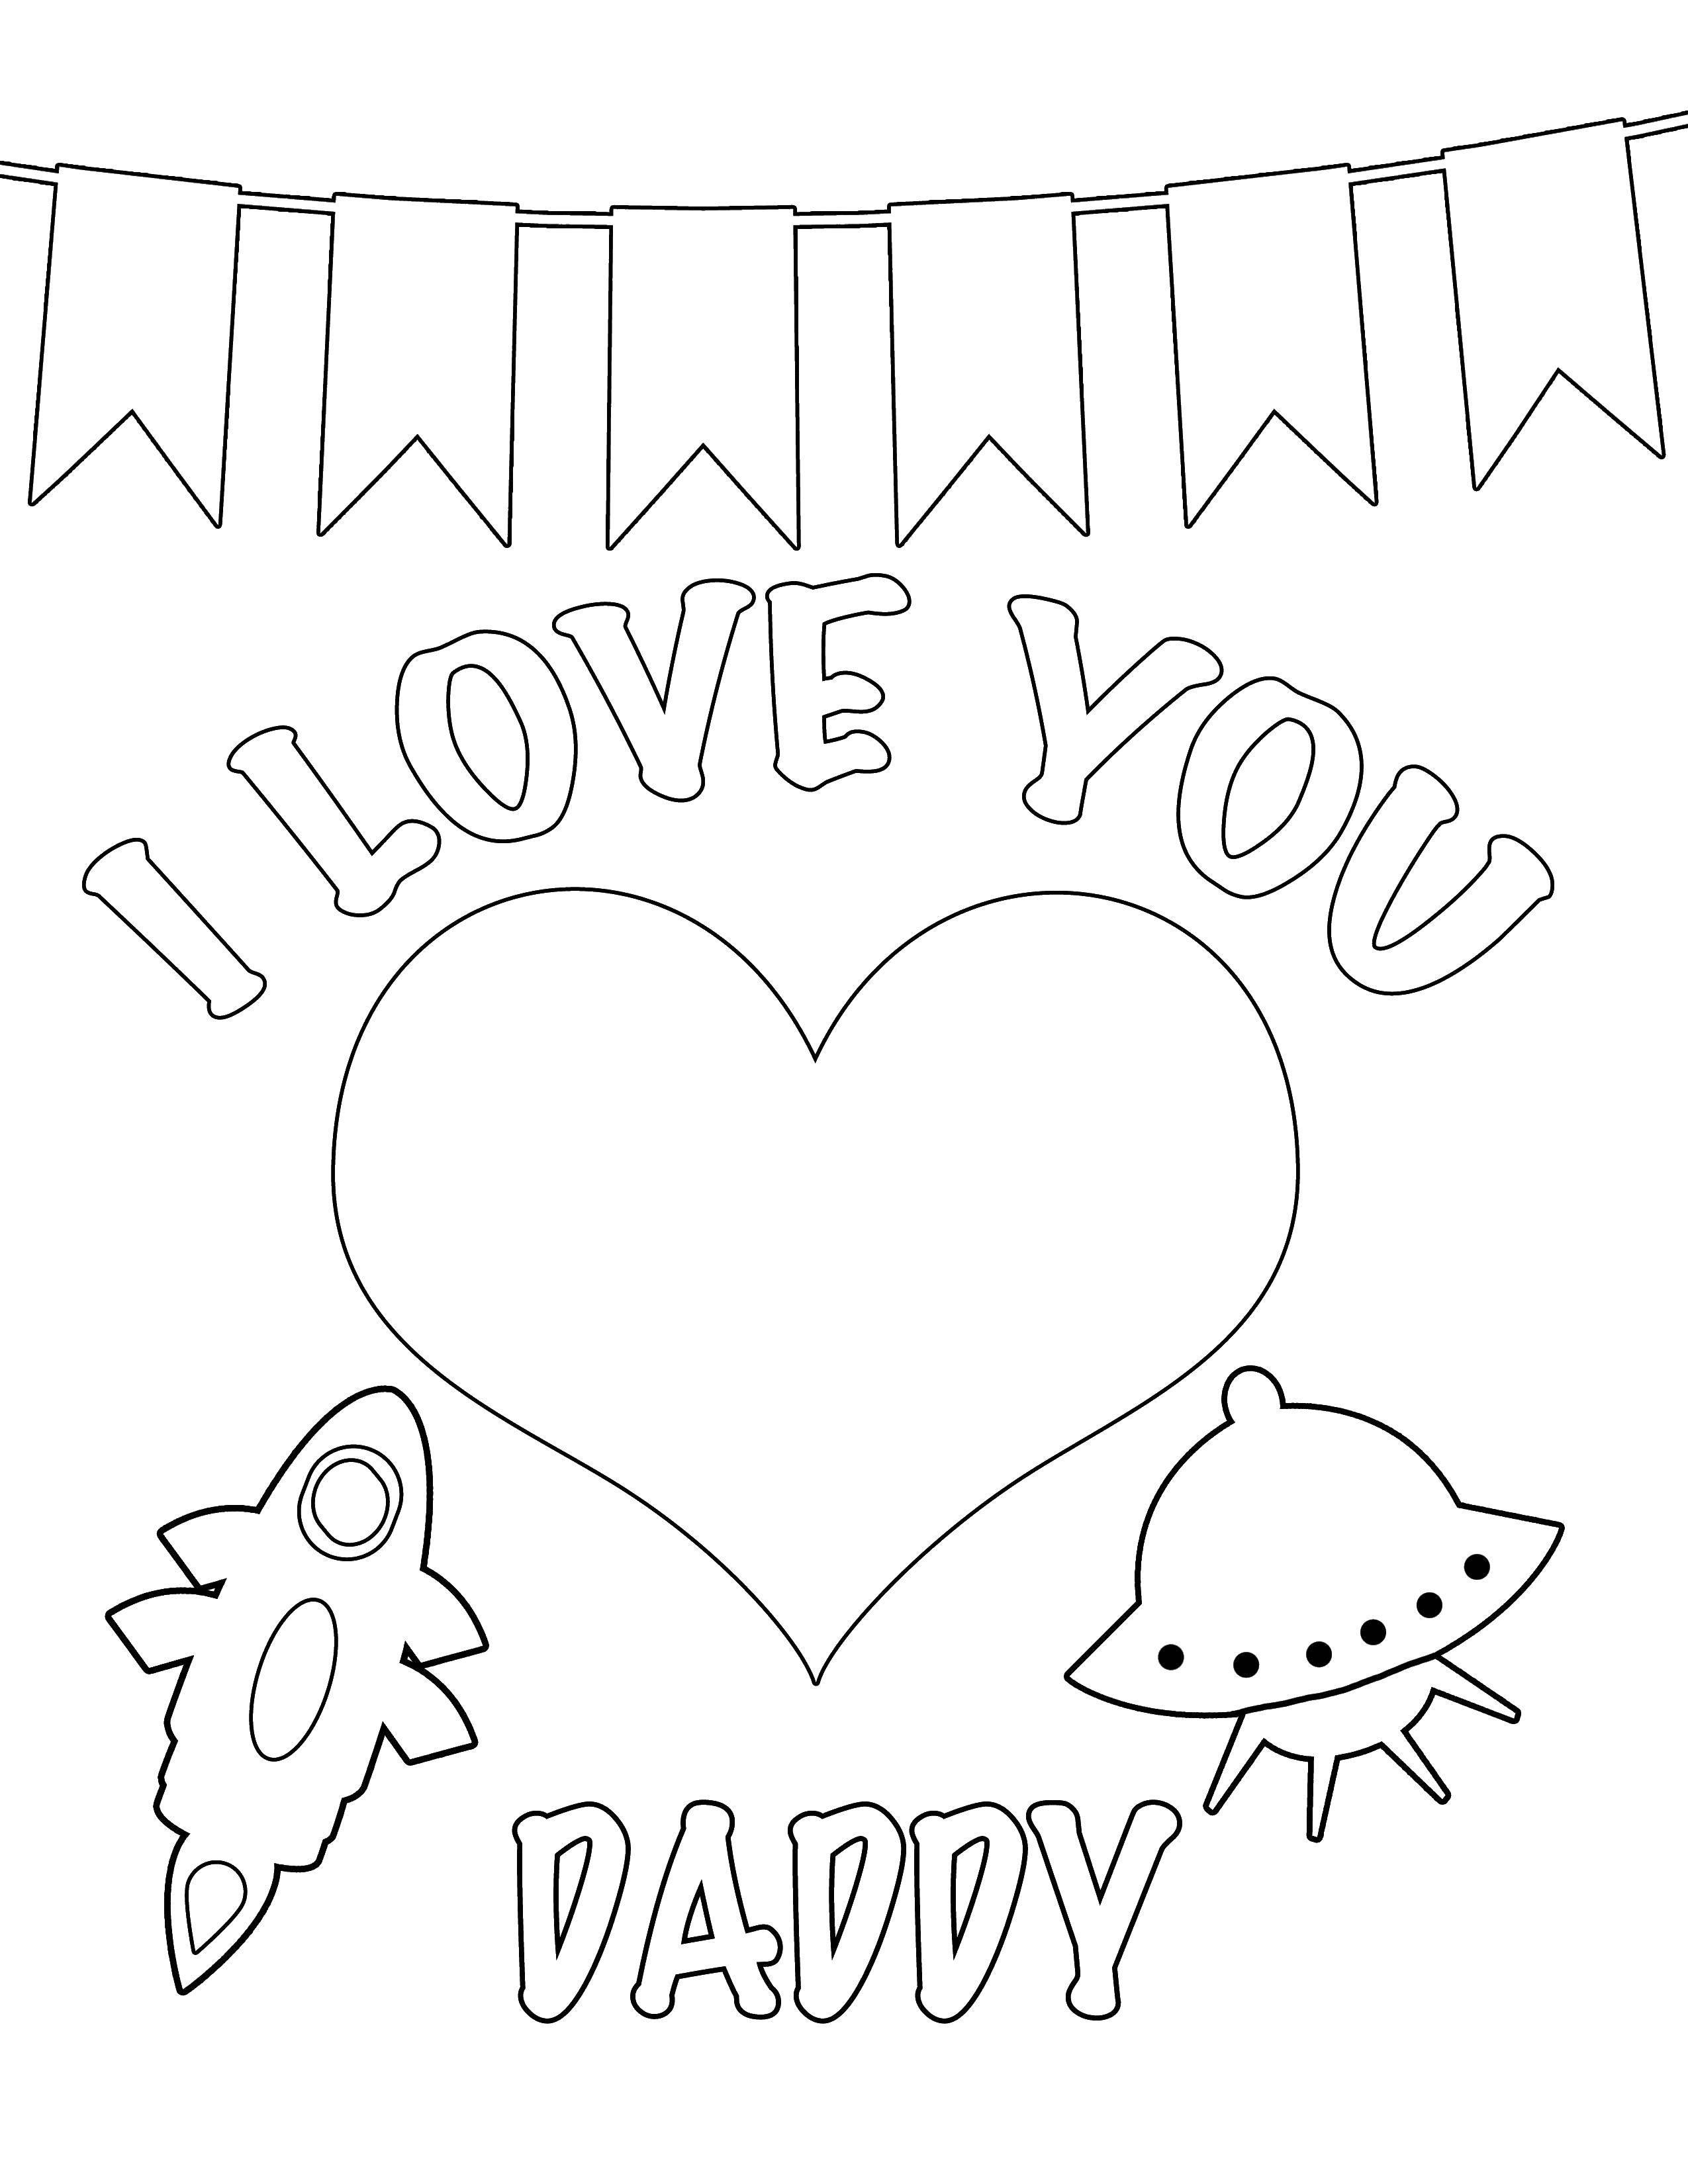 открытка с днем папы распечатать она является